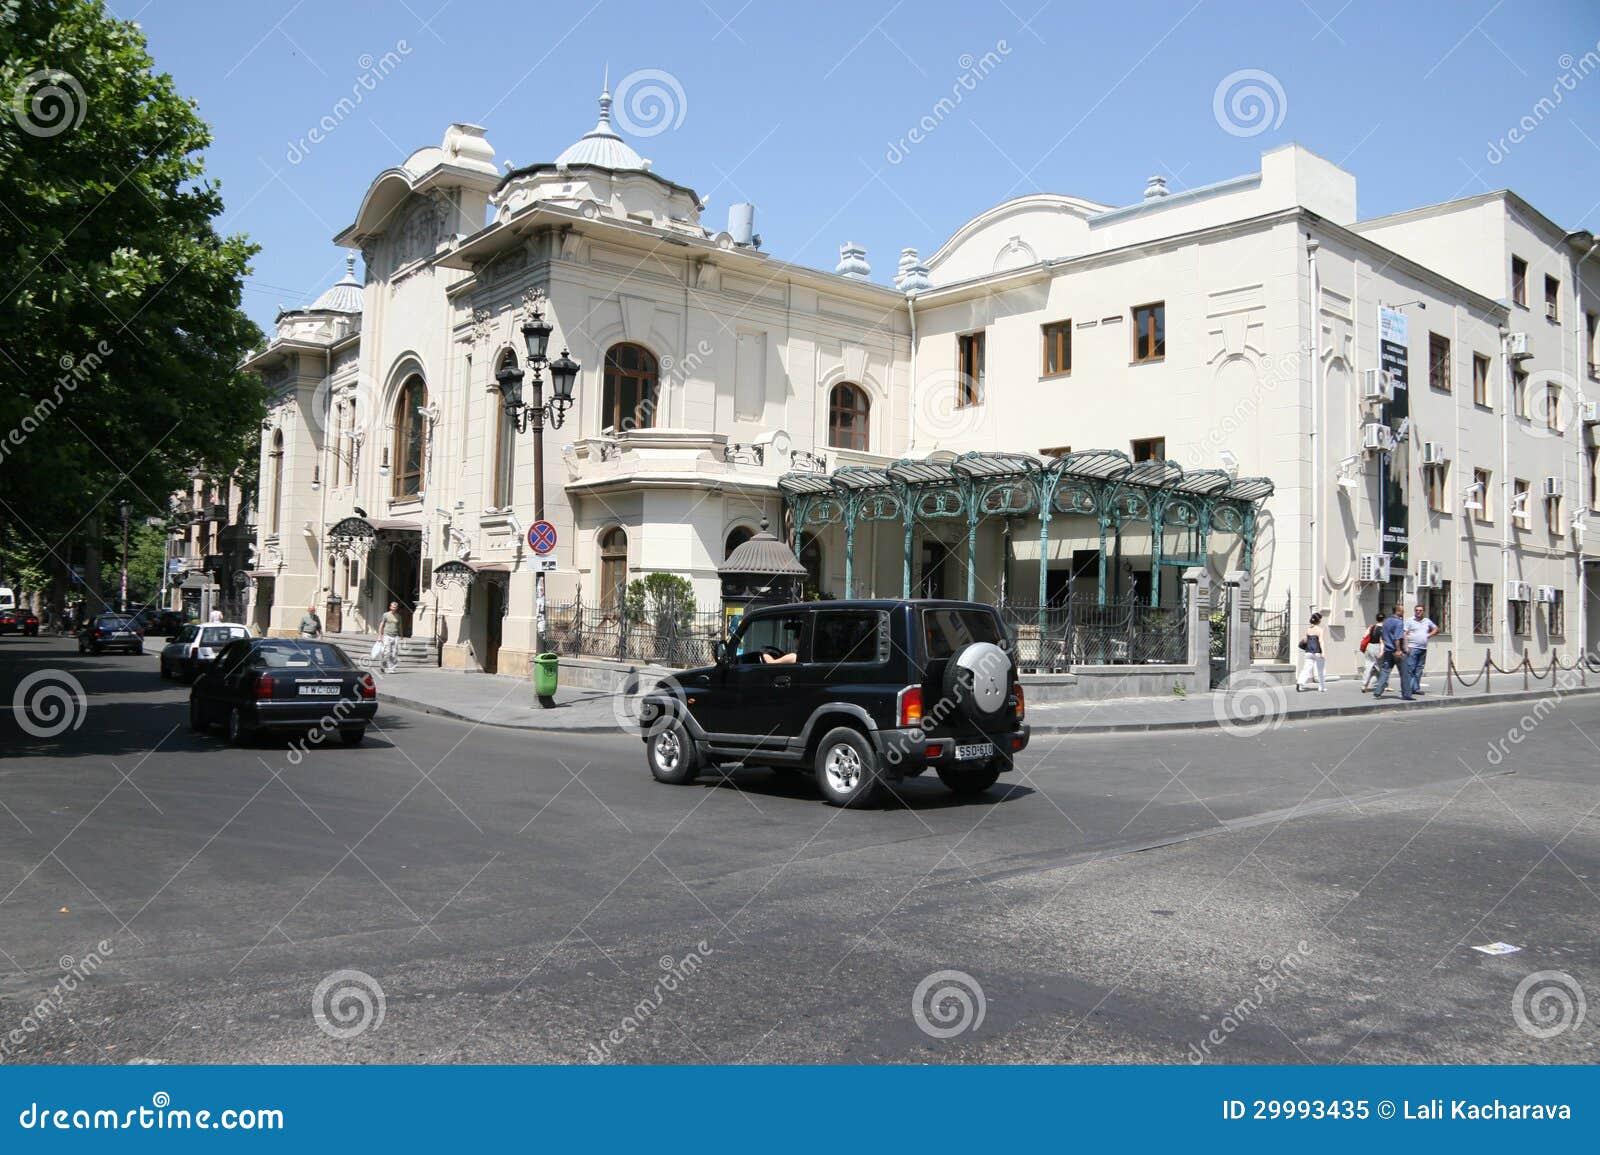 Live Videos Cars Tbilisi Georgia: Tbilisi Editorial Image